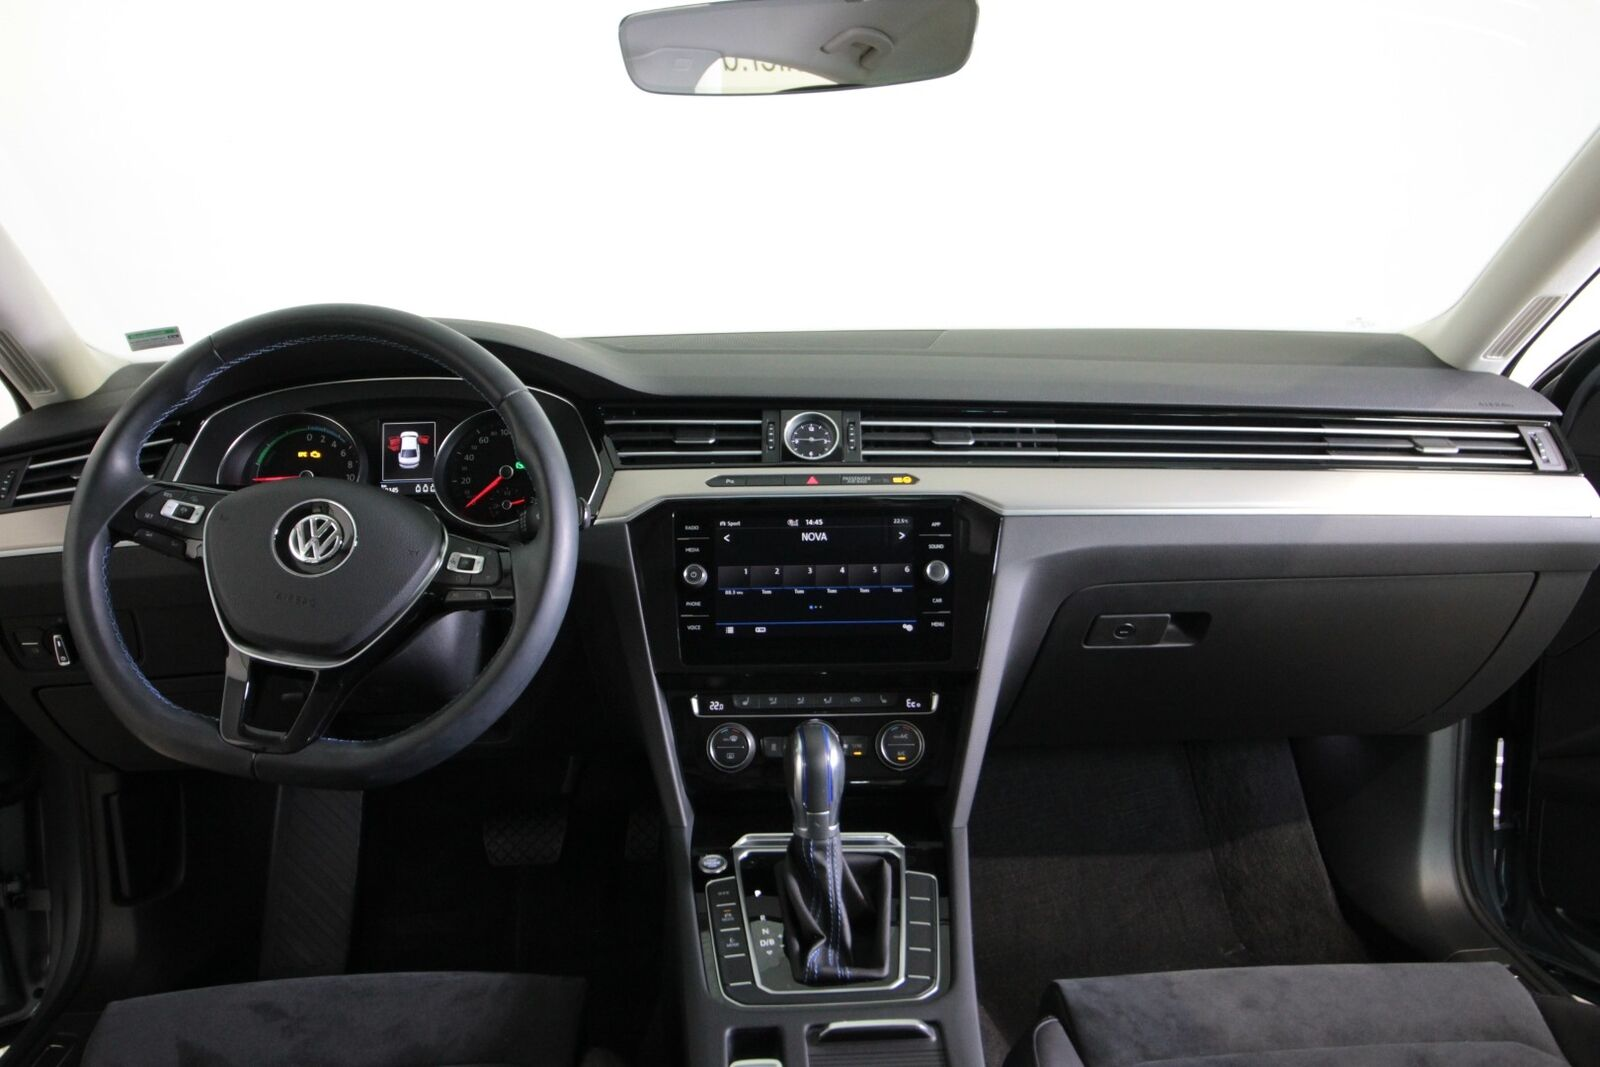 VW Passat GTE DSG